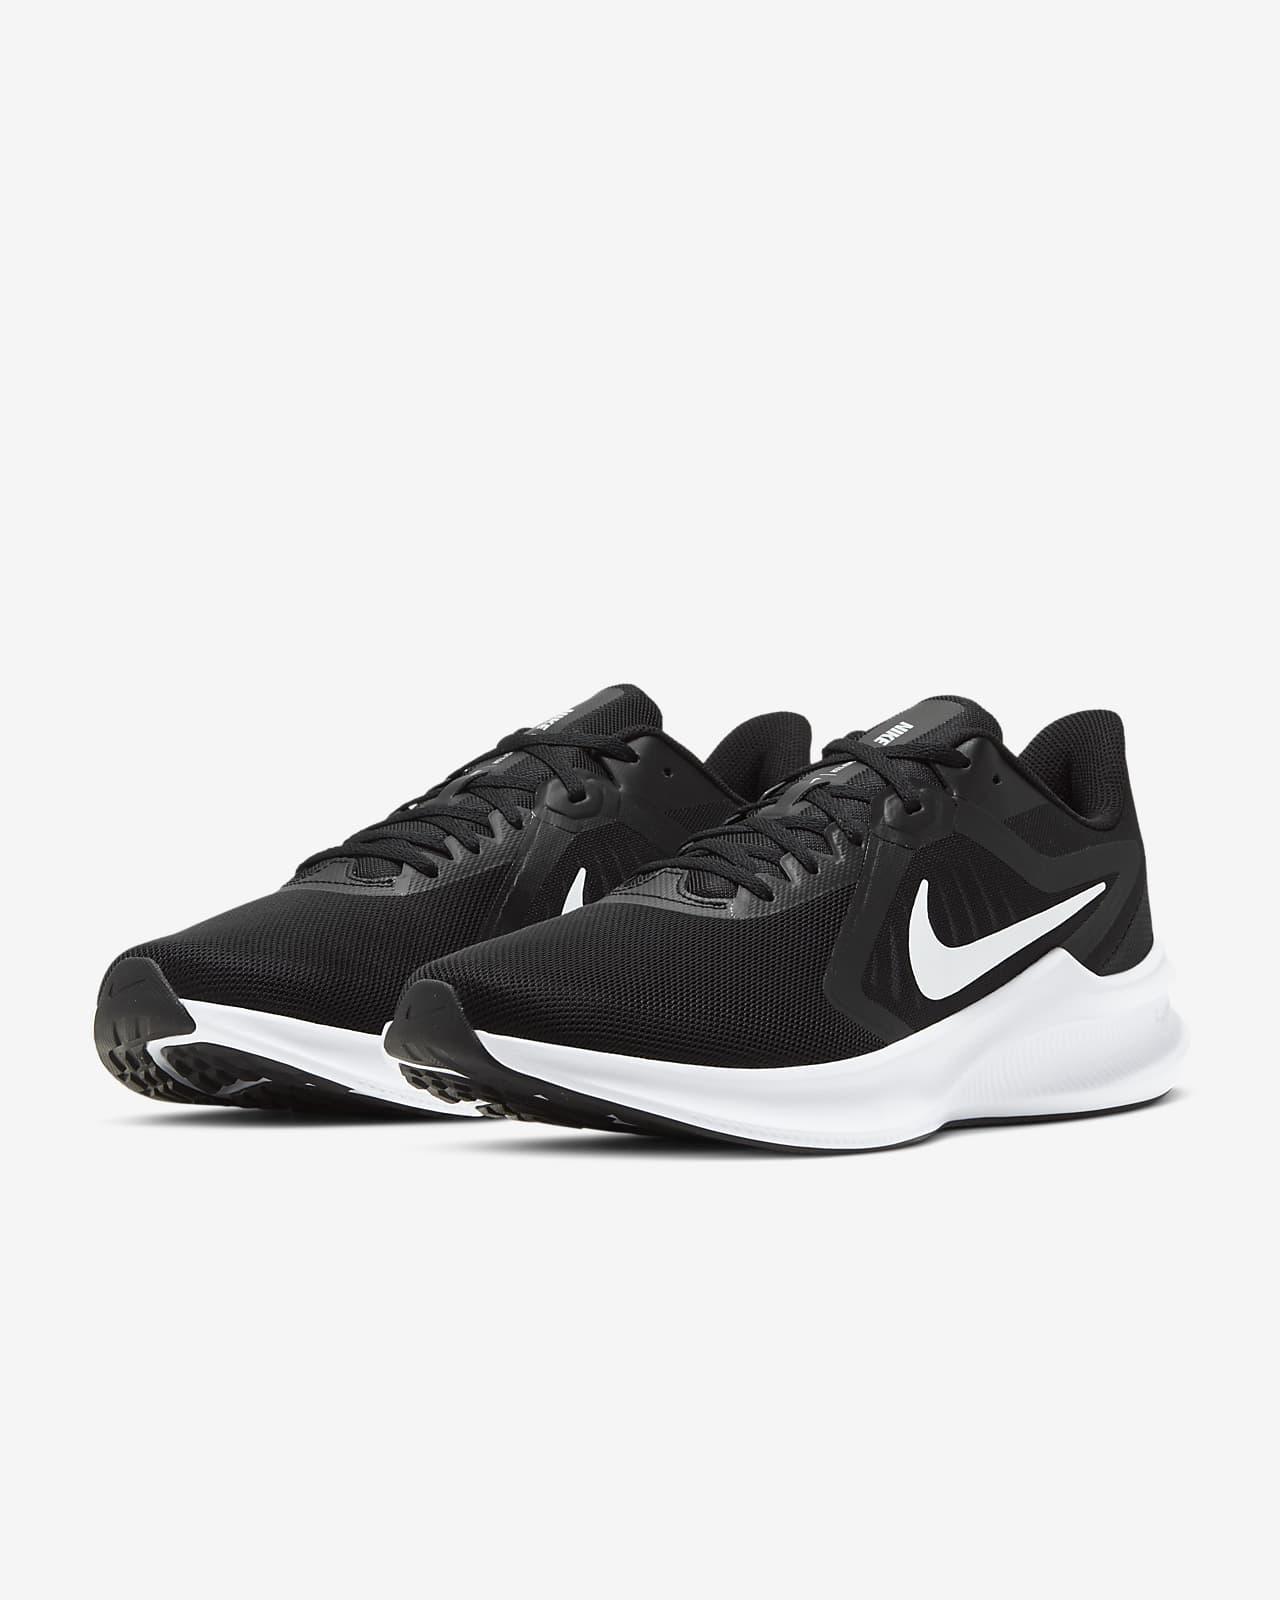 Nike Downshifter 10 Men's Running Shoes